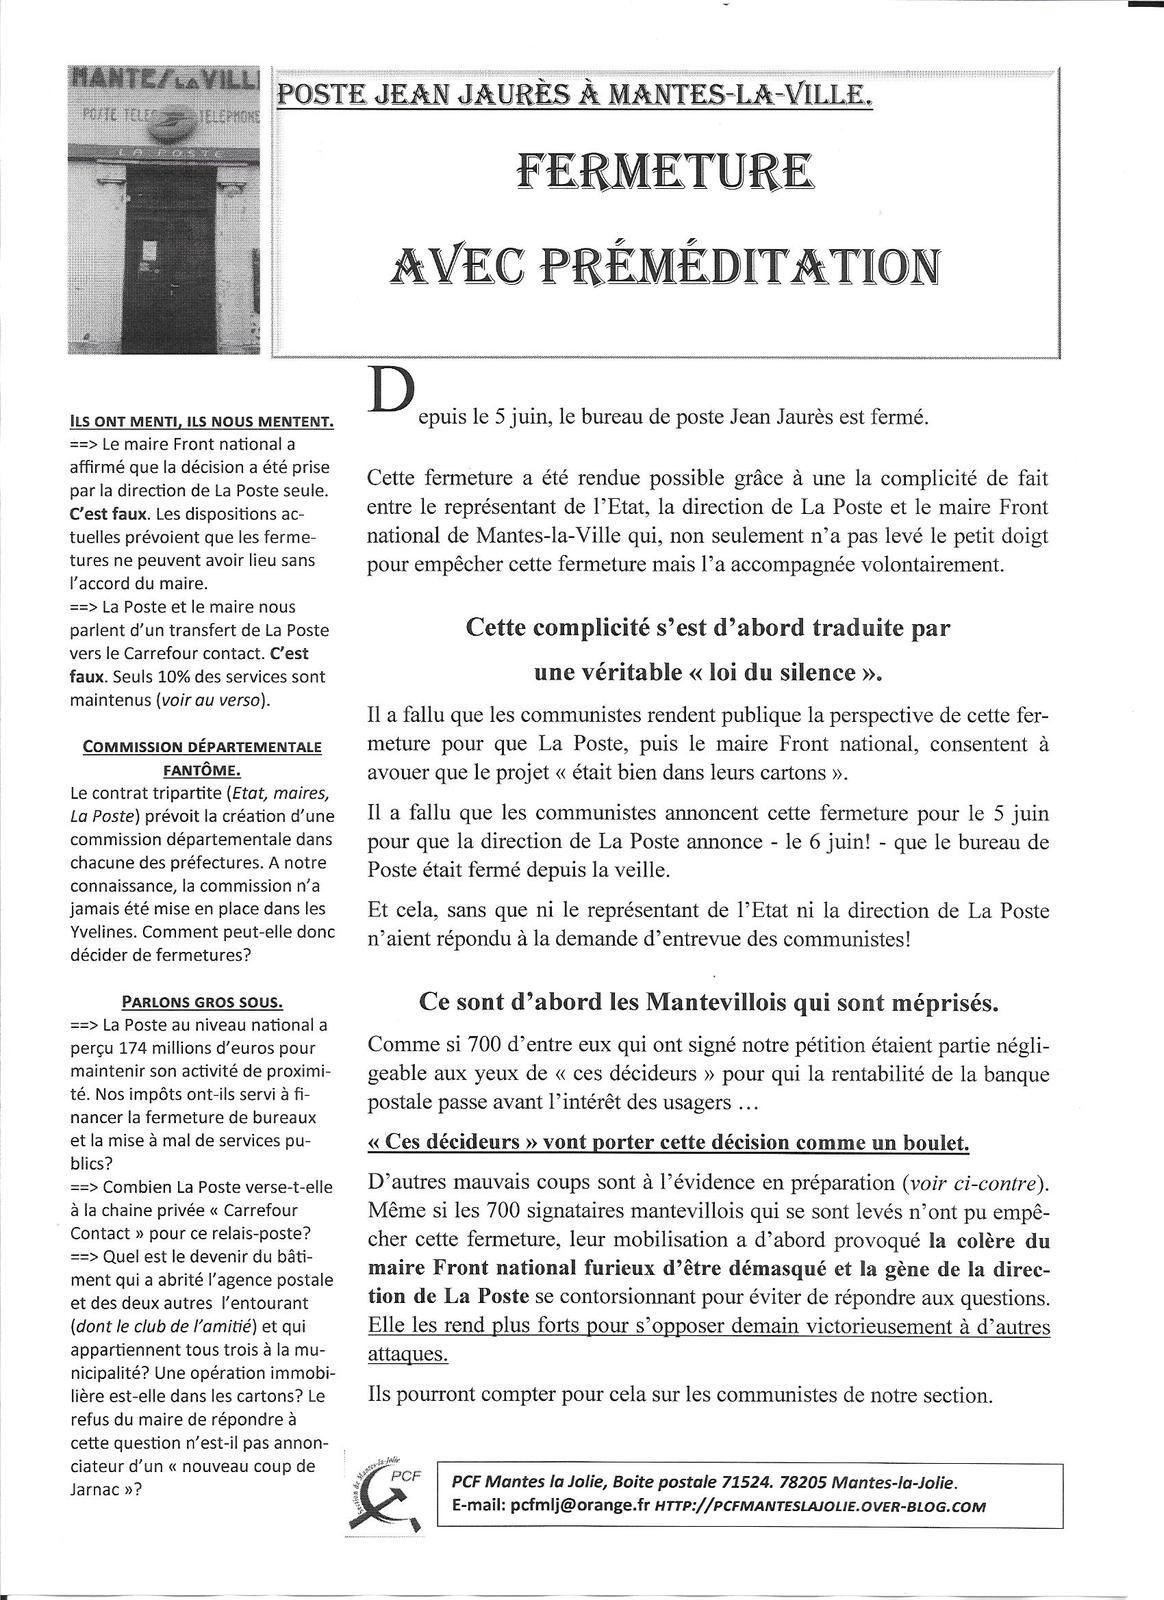 Poste Jean Jaurès à Mantes-la-Ville. Fermeture avec préméditation